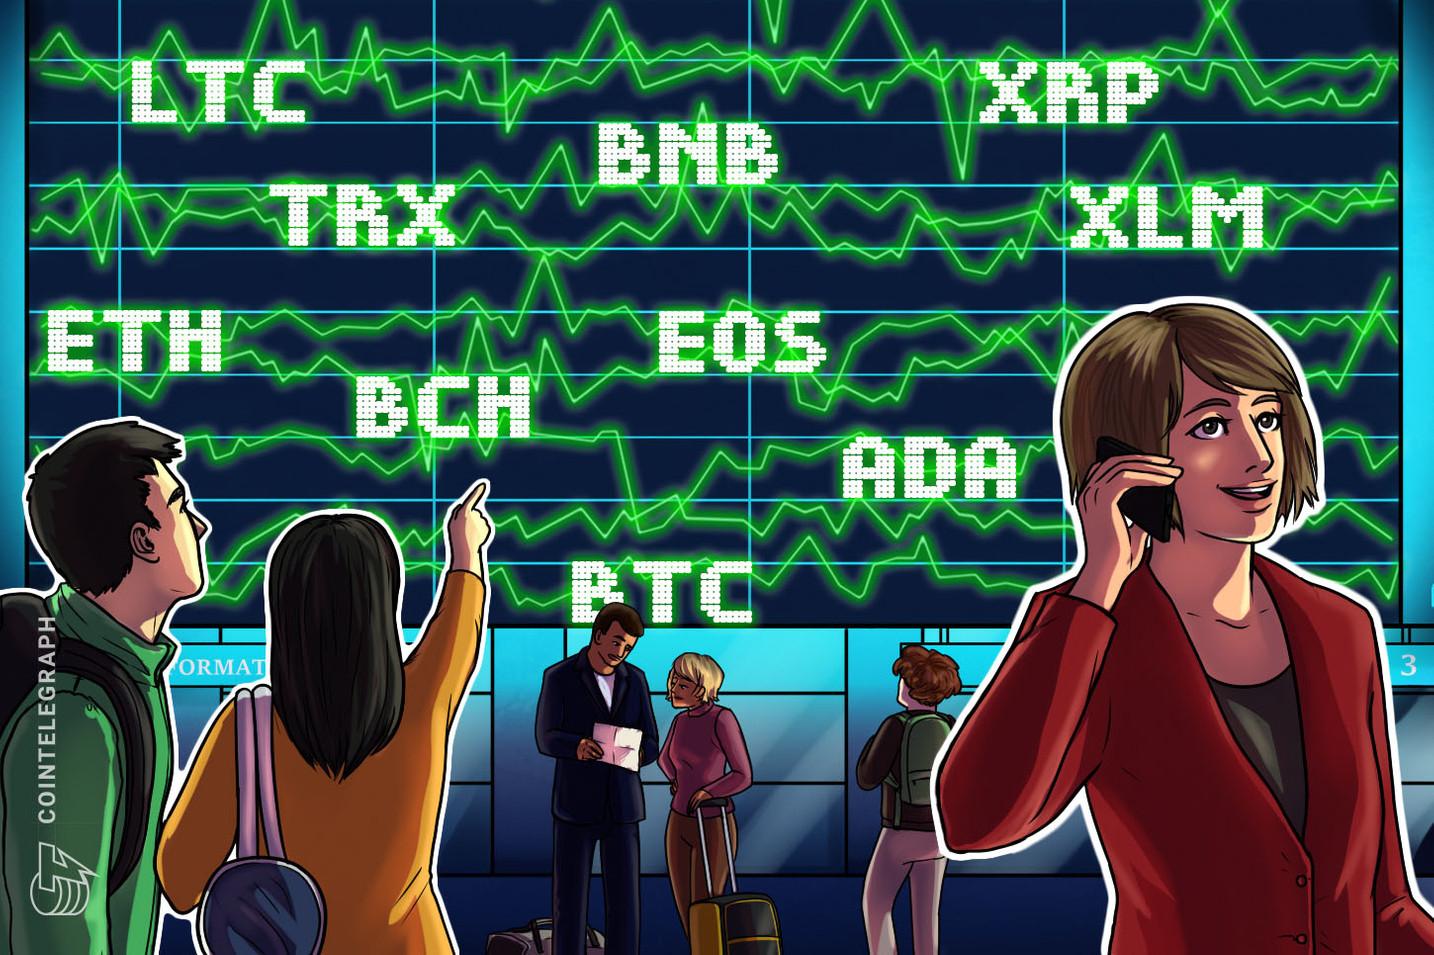 Análisis de precios al 27 de marzo: Bitcoin, Ethereum, Ripple, Litecoin, EOS, Bitcoin Cash, Binance Coin, Stellar, Cardano, Tron